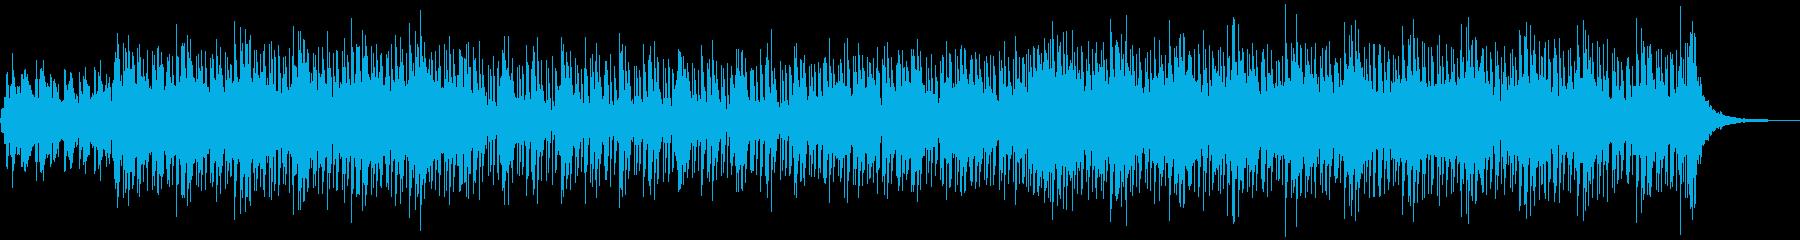 幻想的で怪しい雰囲気のレゲエの再生済みの波形